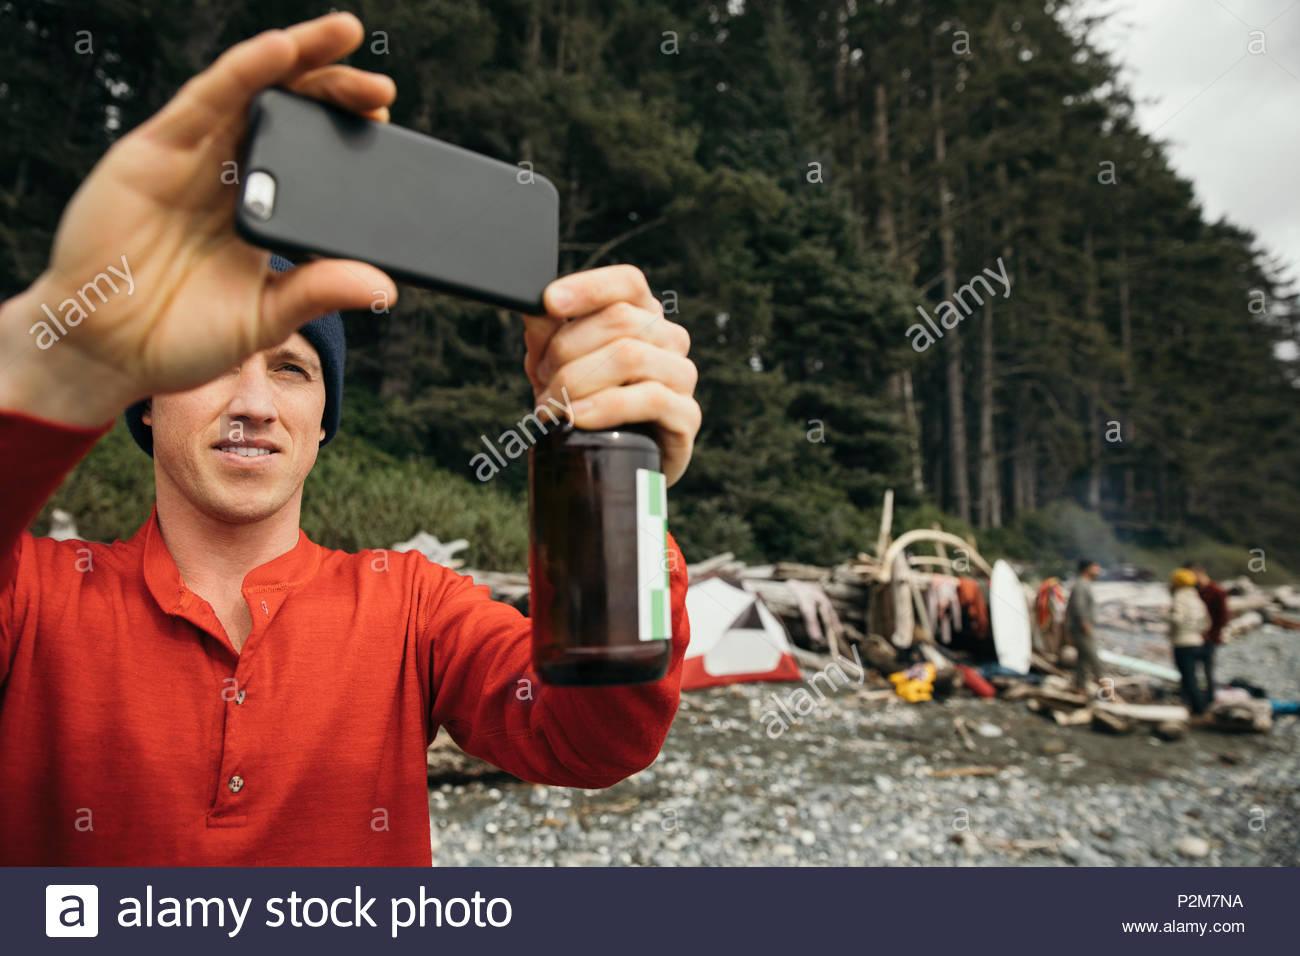 El hombre disfruta de una escapada de surf de fin de semana con los amigos, beber cerveza y utilizando la cámara del teléfono en playa resistente Imagen De Stock